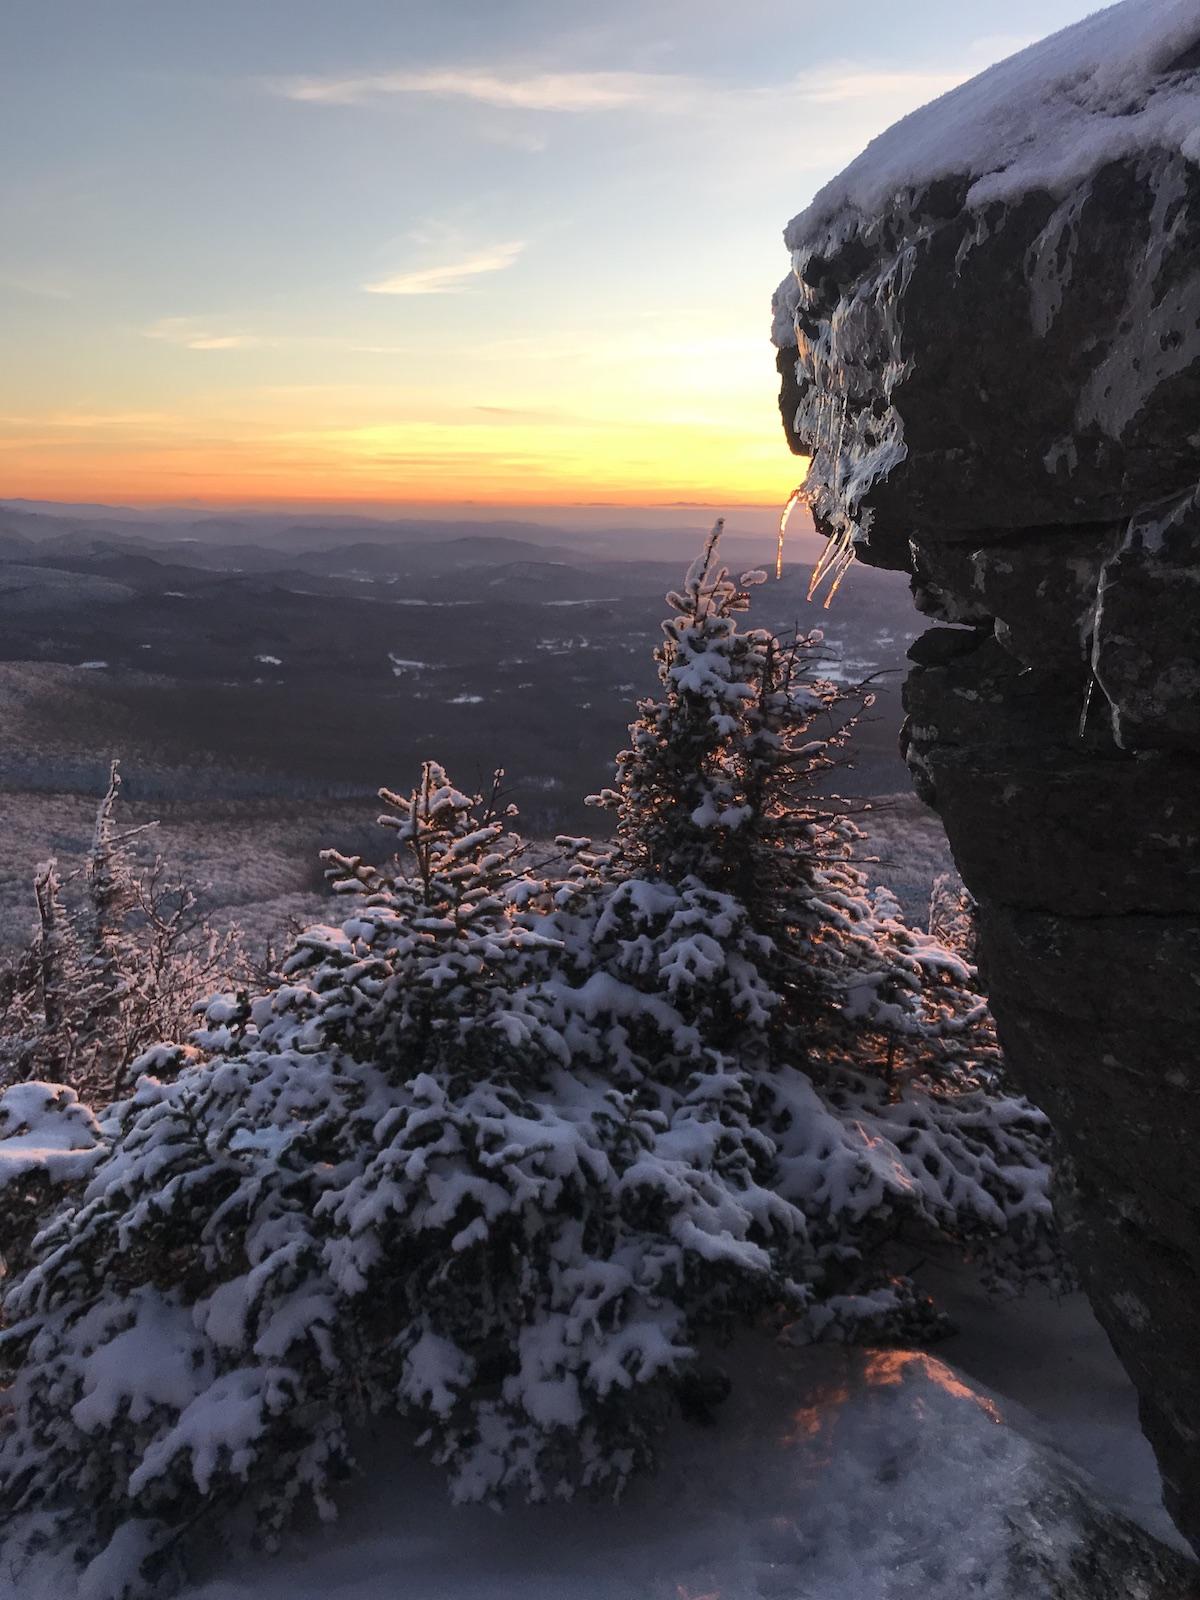 Sunset from the flanks of Mozodepowadso (Abenaki name for Mt. Mansfield), Green Mountains (Askaskwiwajoak), Vermont, Abenaki territory. [Photo] Katie Ives